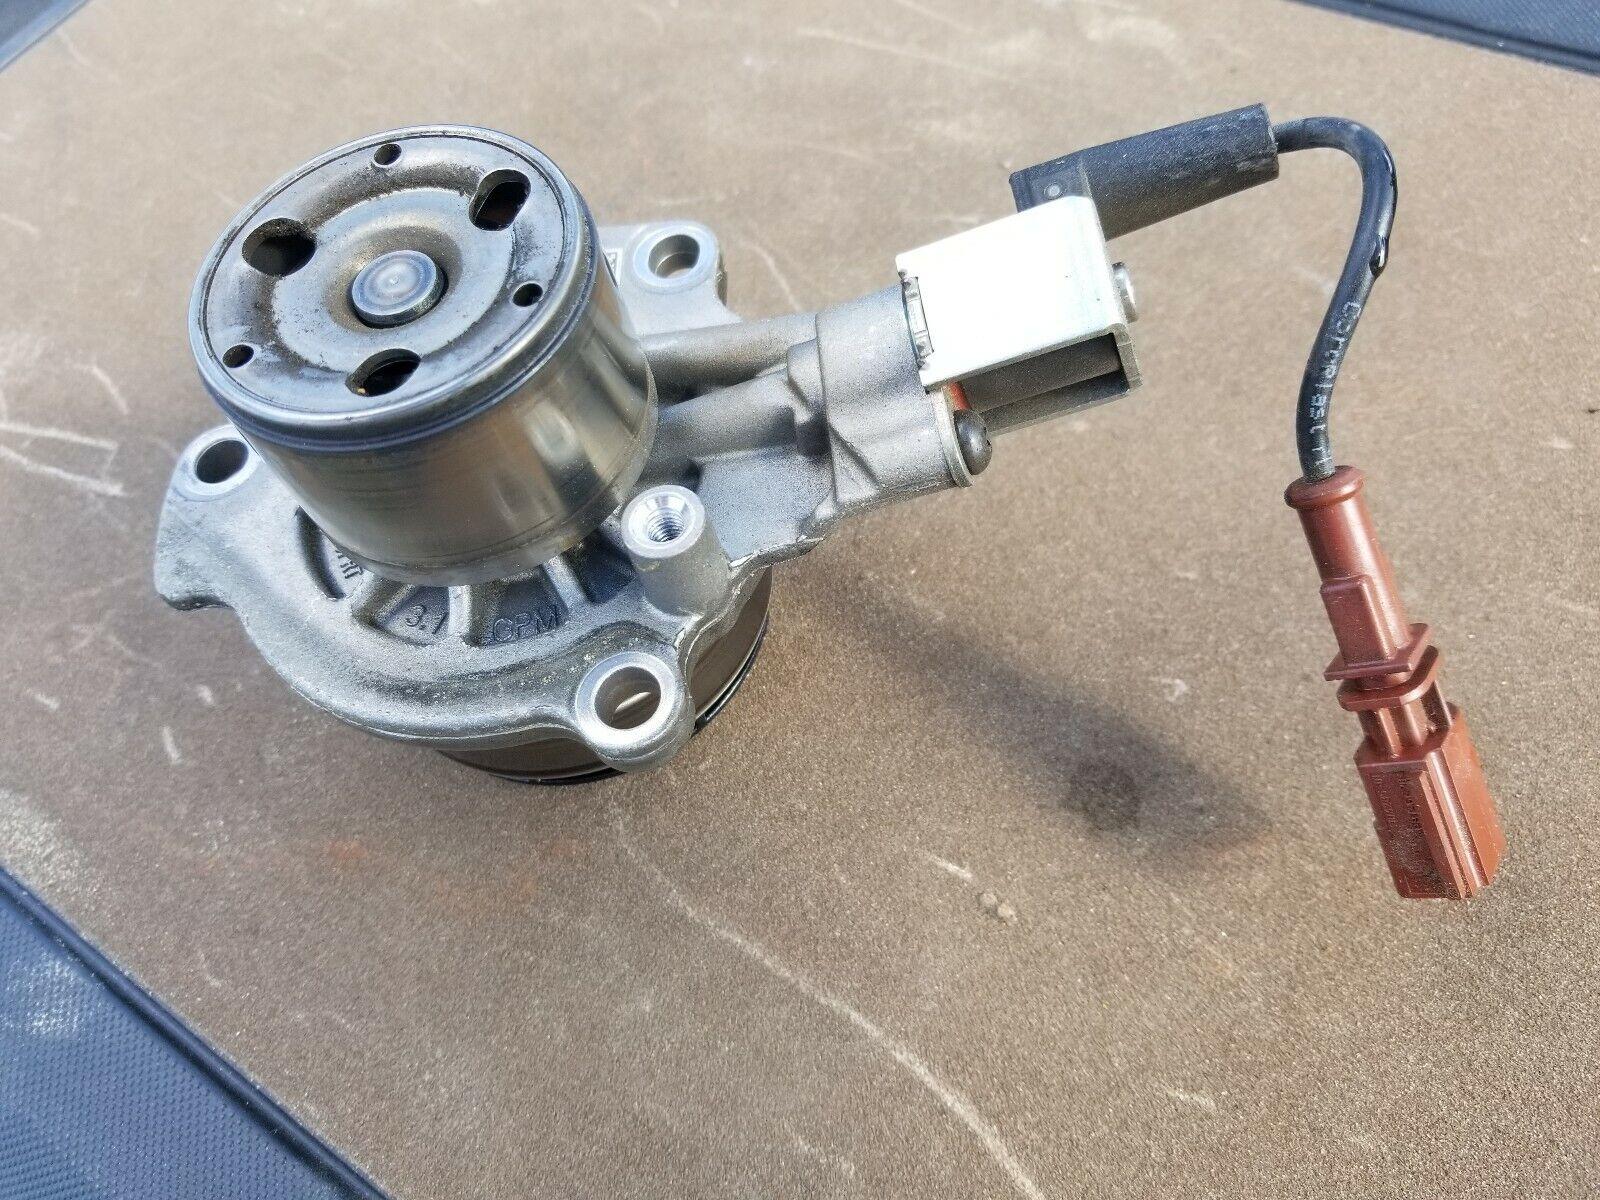 NEW ALTERNATOR FITS 00 01 AUDI A4 QUATTRO 1.8 2.8 99-04 VW PASSAT 1.8L SG9B010